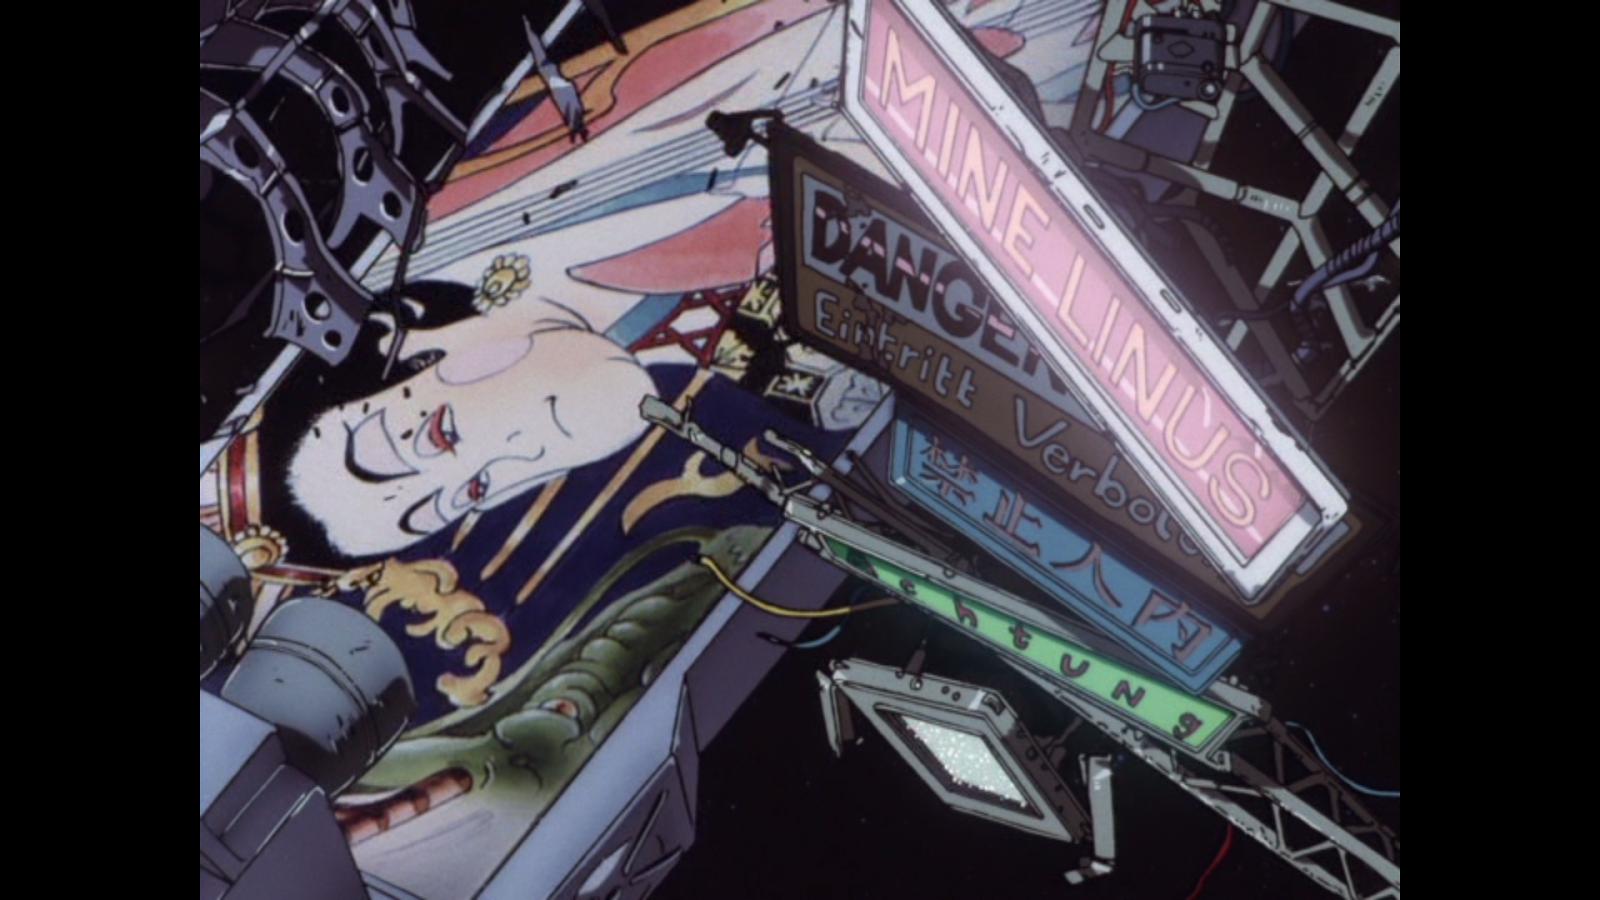 Hyporion: Cowboy Bebop Review #7: Heavy Metal Queen